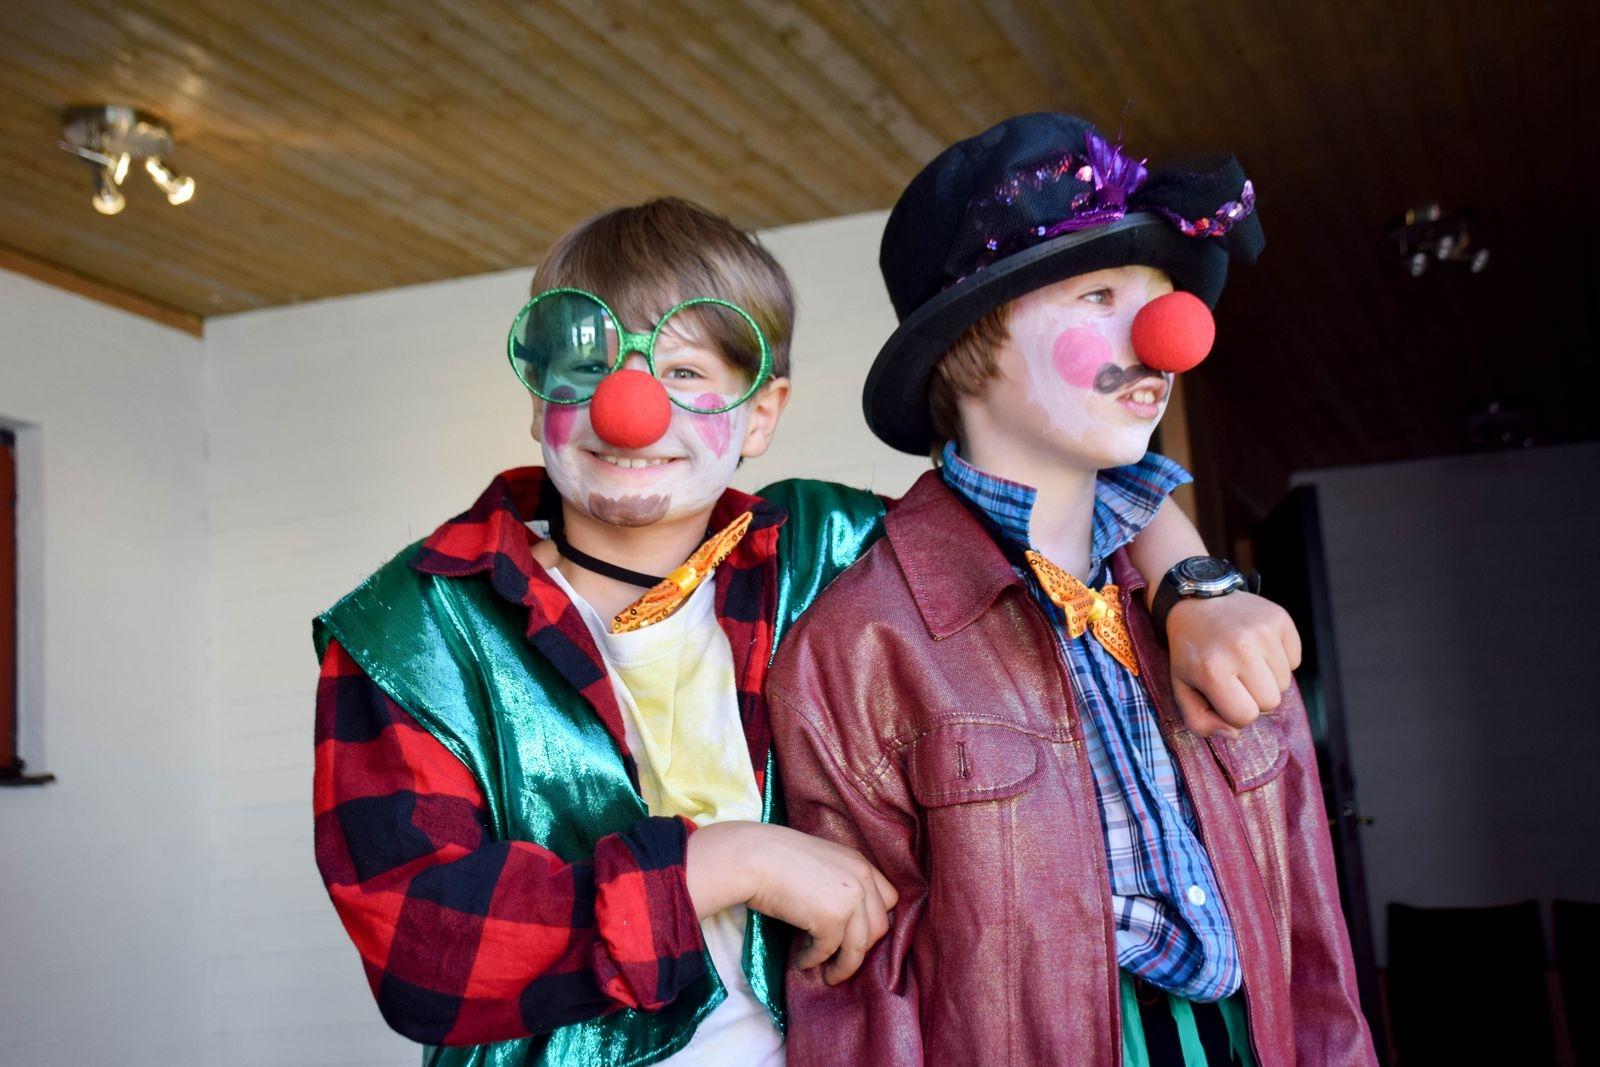 """""""Det känns lite pirrigt"""" konstaterade Joar Lyhagen och Henry Wallentin en stund innan det var dags för dem att gå in på scen för att bjuda publiken på ett nummer med humor, flowersticks och enhjuling."""